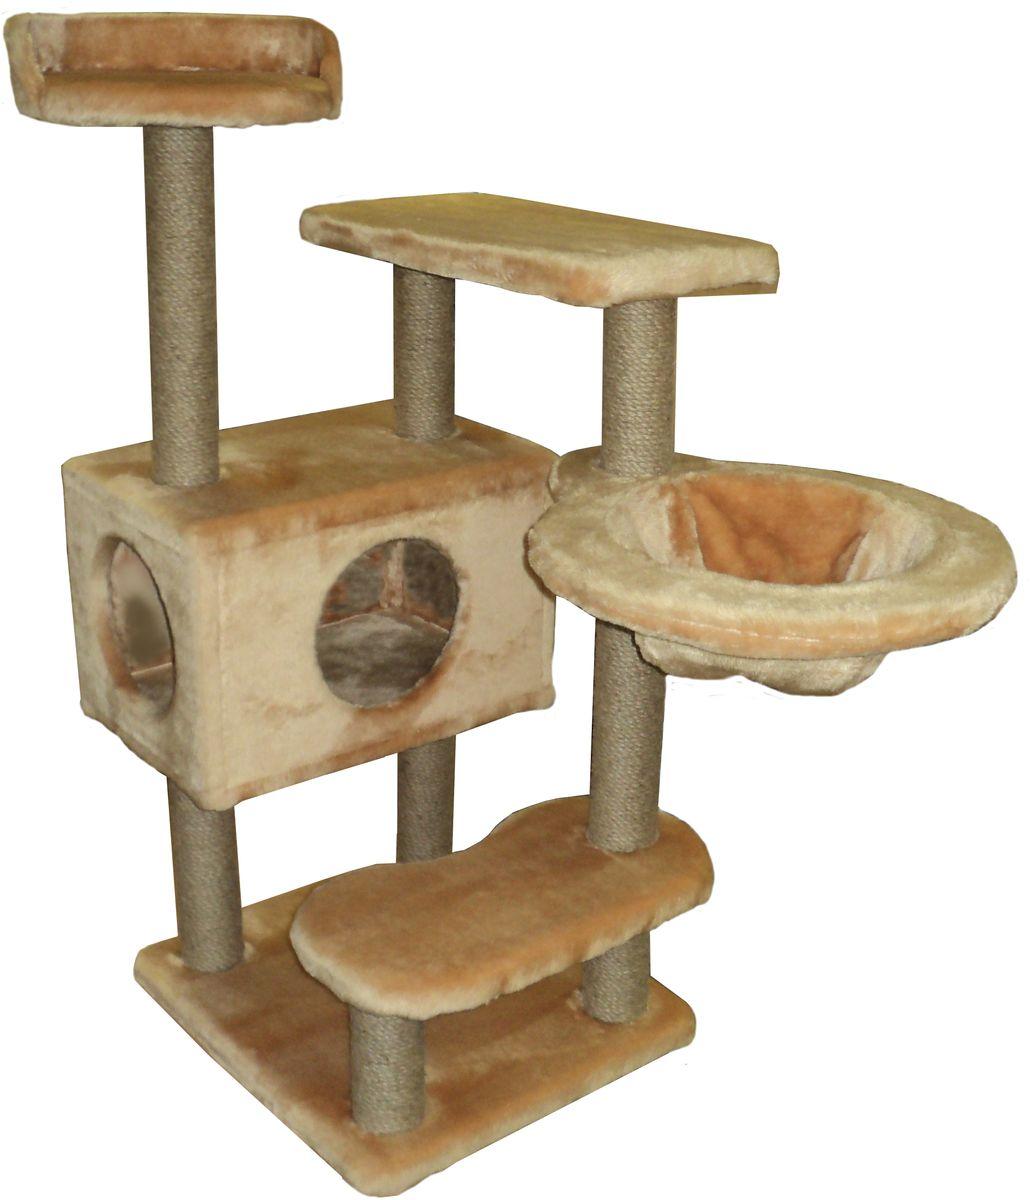 Игровой комплекс для кошек ЛапкинДом Барсик, с домиком, гамаком и когтеточкой, цвет: кремовый, 60 х 60 х 110 смБДКЕ4Игровой комплекс для кошек ЛапкинДом Барсик выполнен из высококачественного ДСП и обтянут искусственным мехом. Все горизонтальные полки под мехом, для большего комфорта питомца, проложены поролоном. Гамак выполнен из высококачественной толстостенной фанеры и выдерживает значительные нагрузки.Размер: 60 х 60 х 110 см